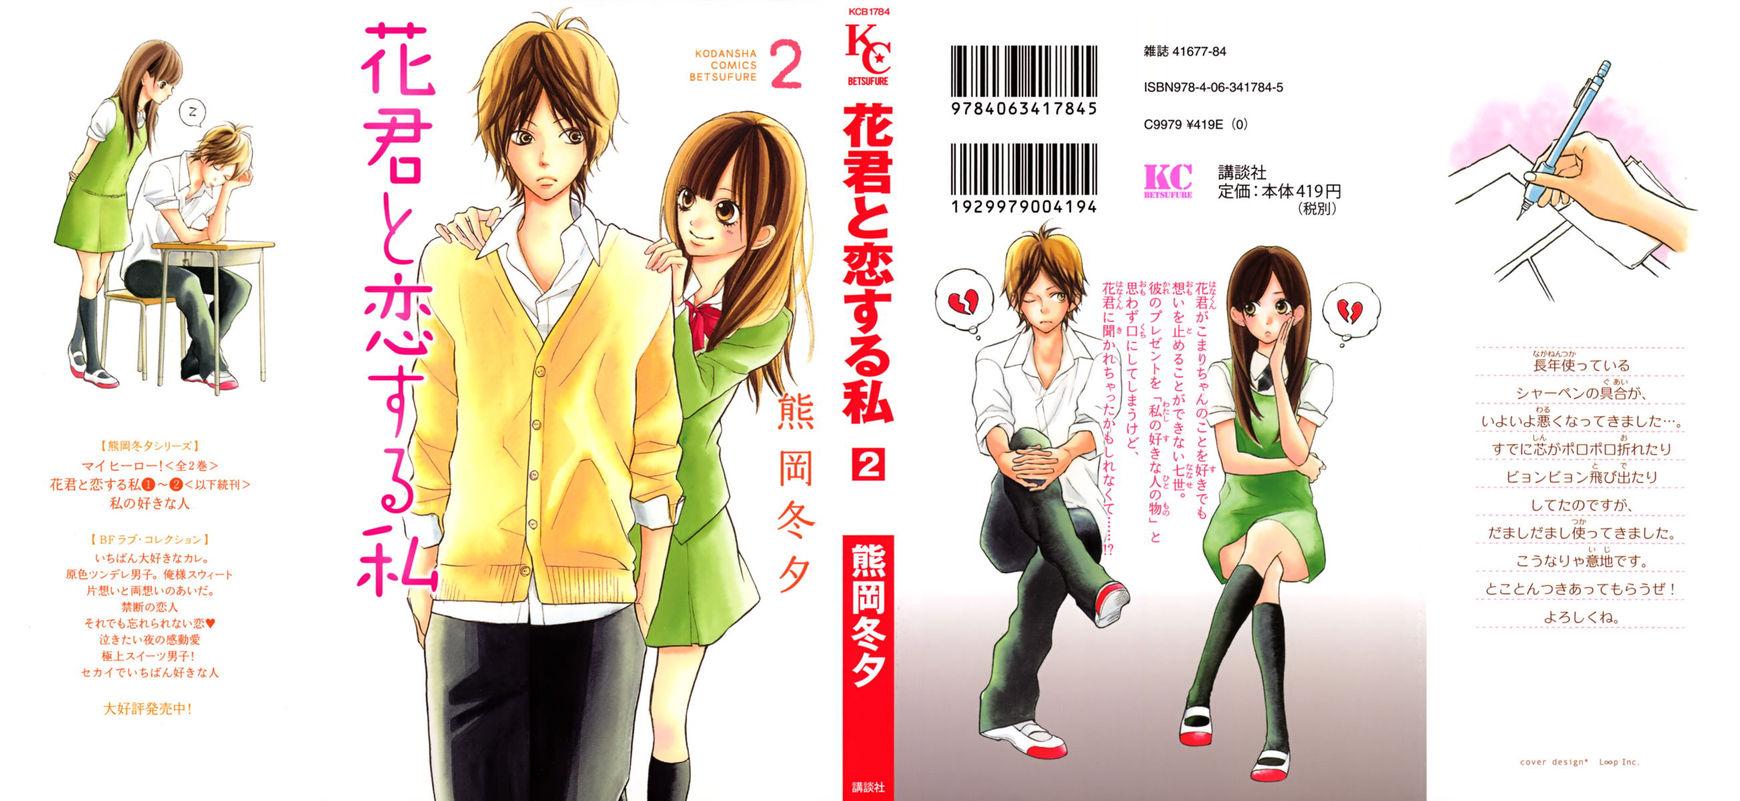 Hanagimi to Koisuru Watashi 5 Page 1